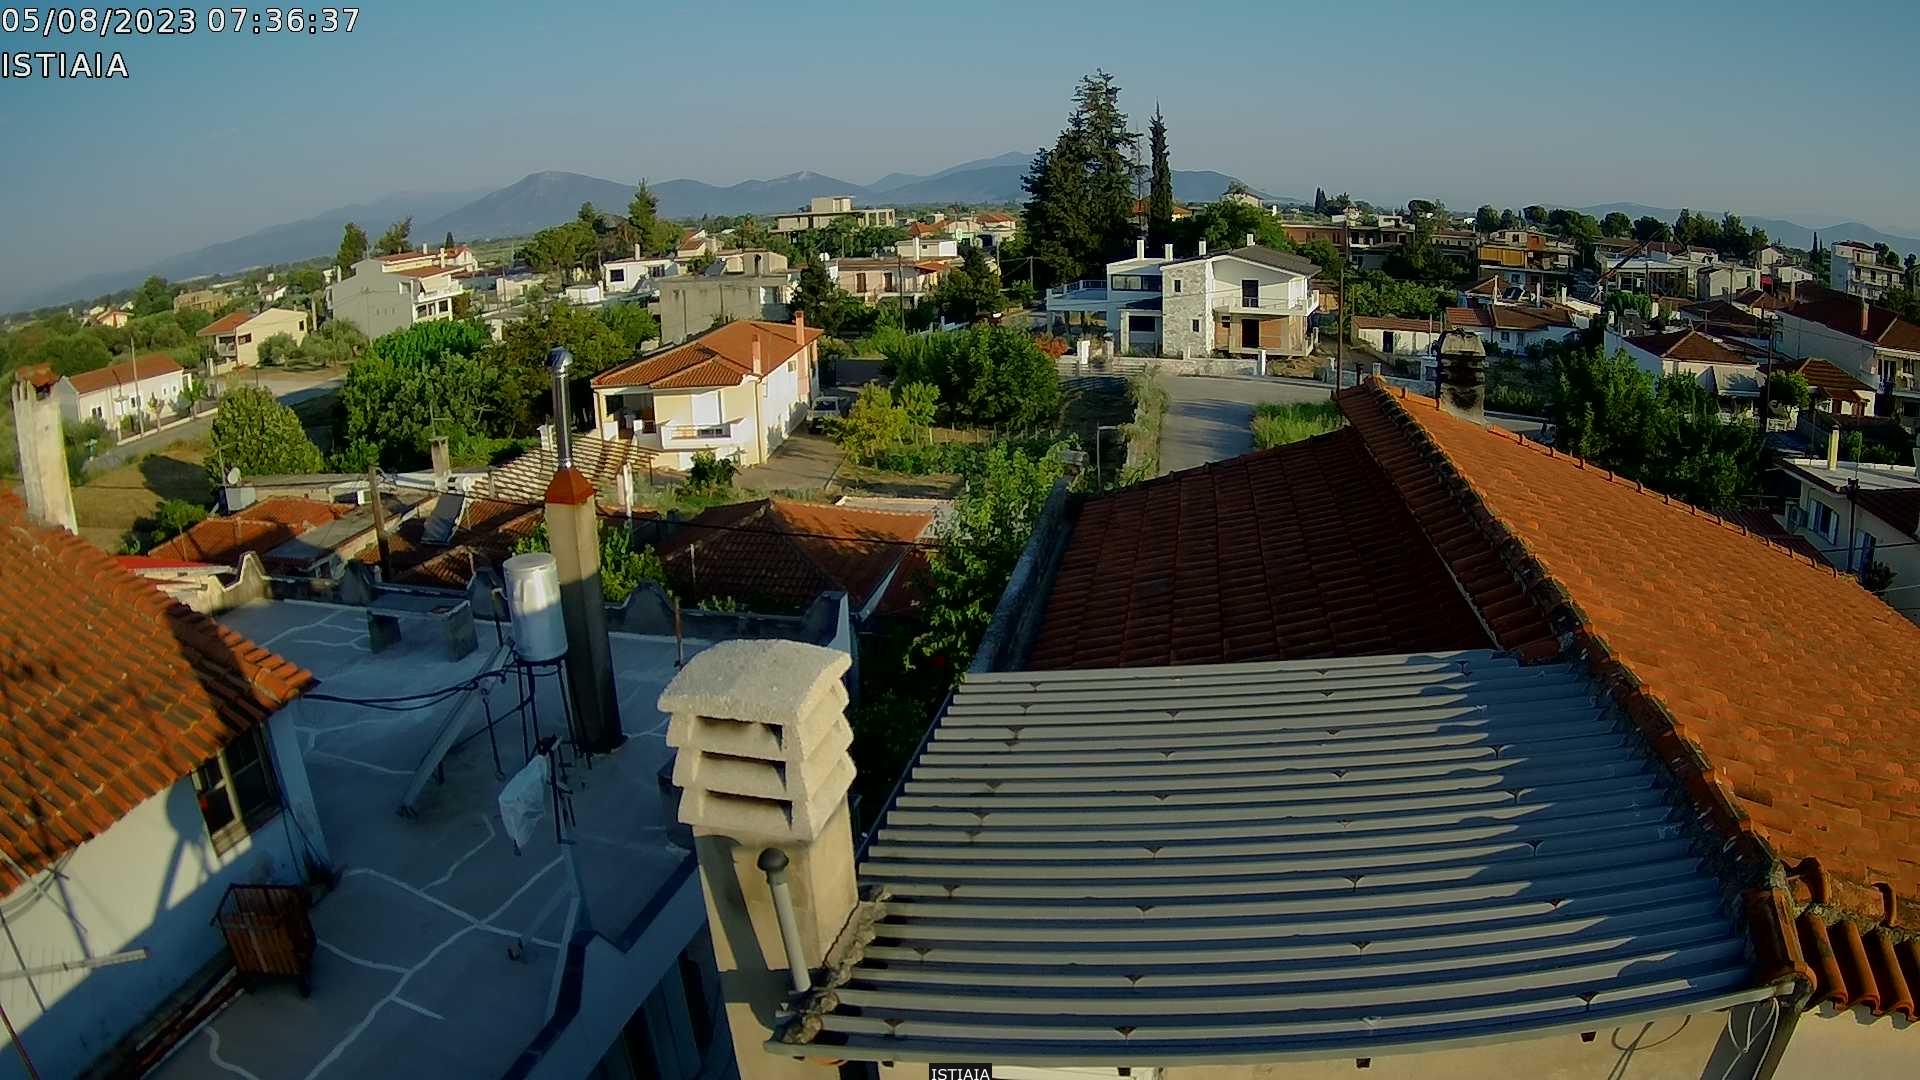 Уеб камера от остров Евбея - И=стиаия, Гърция